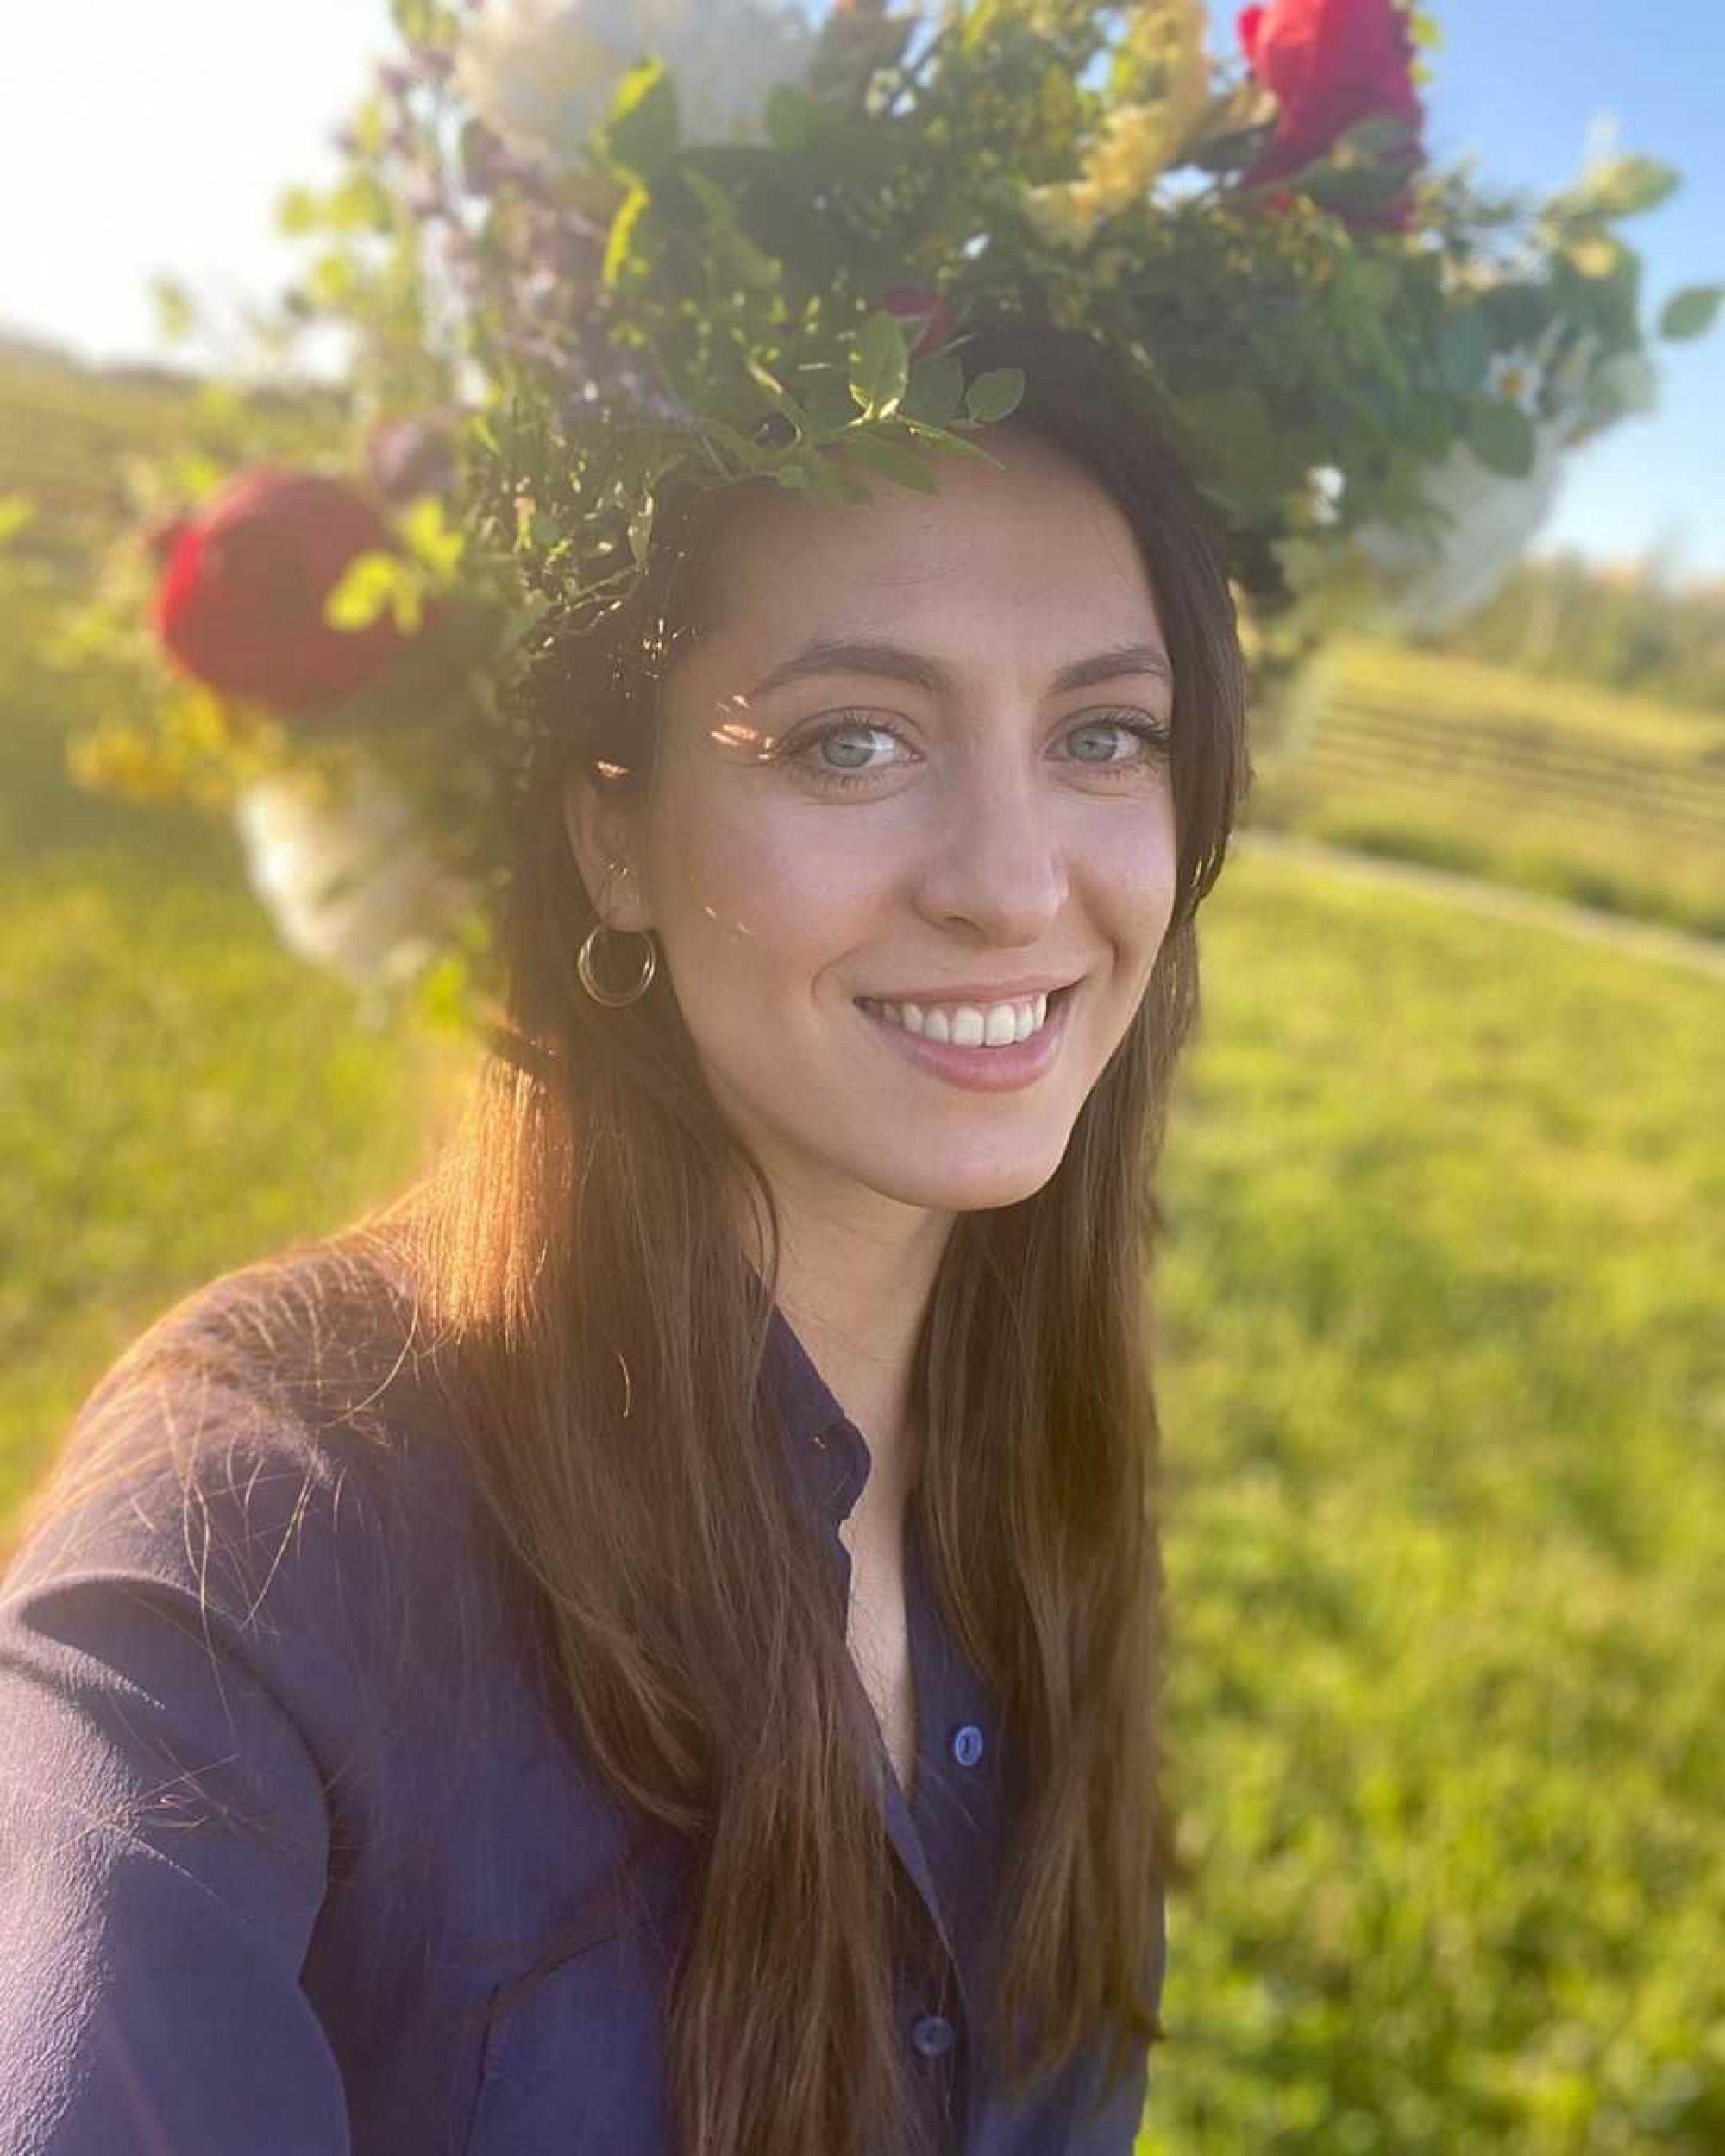 Актриса Анастасия Меськова рассказала о своей отдушине